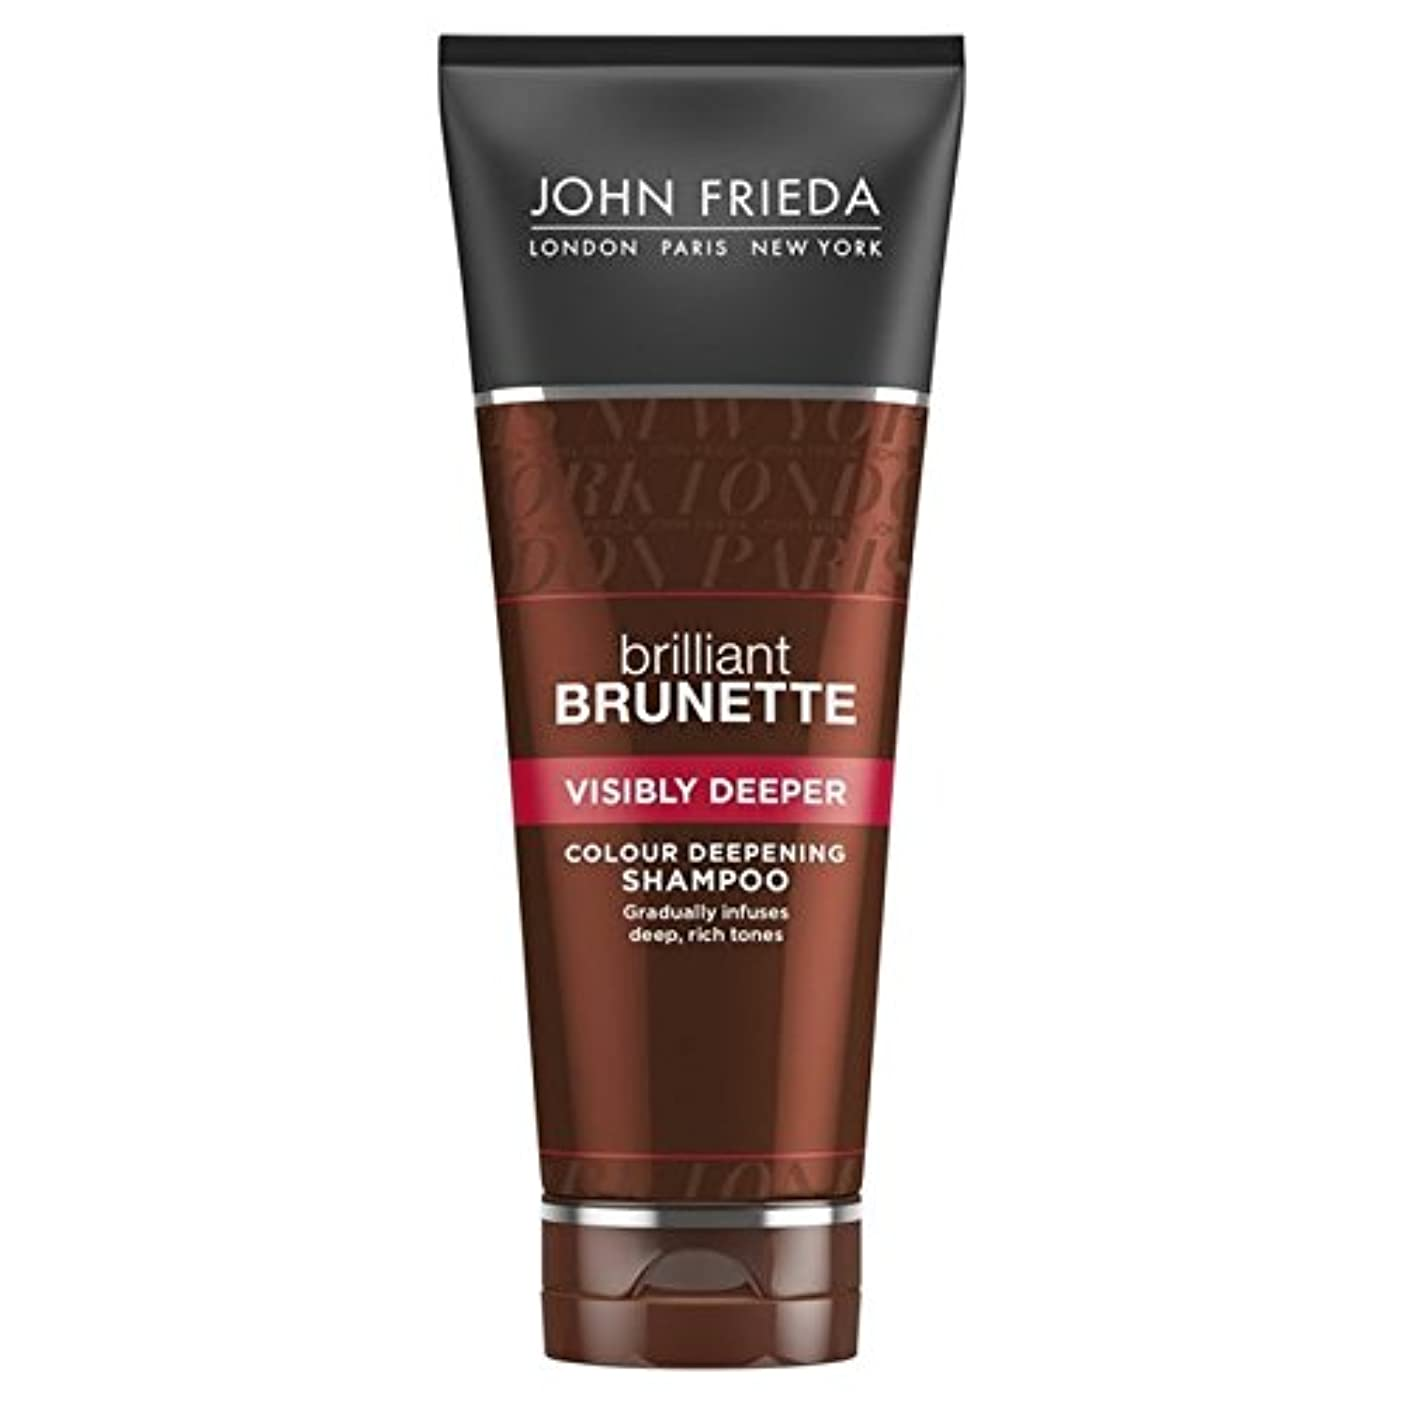 間に合わせそれにもかかわらずインポートJohn Frieda Brilliant Brunette Visibly Deeper Shampoo 250ml - ジョン?フリーダ華麗なブルネット目に見えてより深いシャンプー250 [並行輸入品]